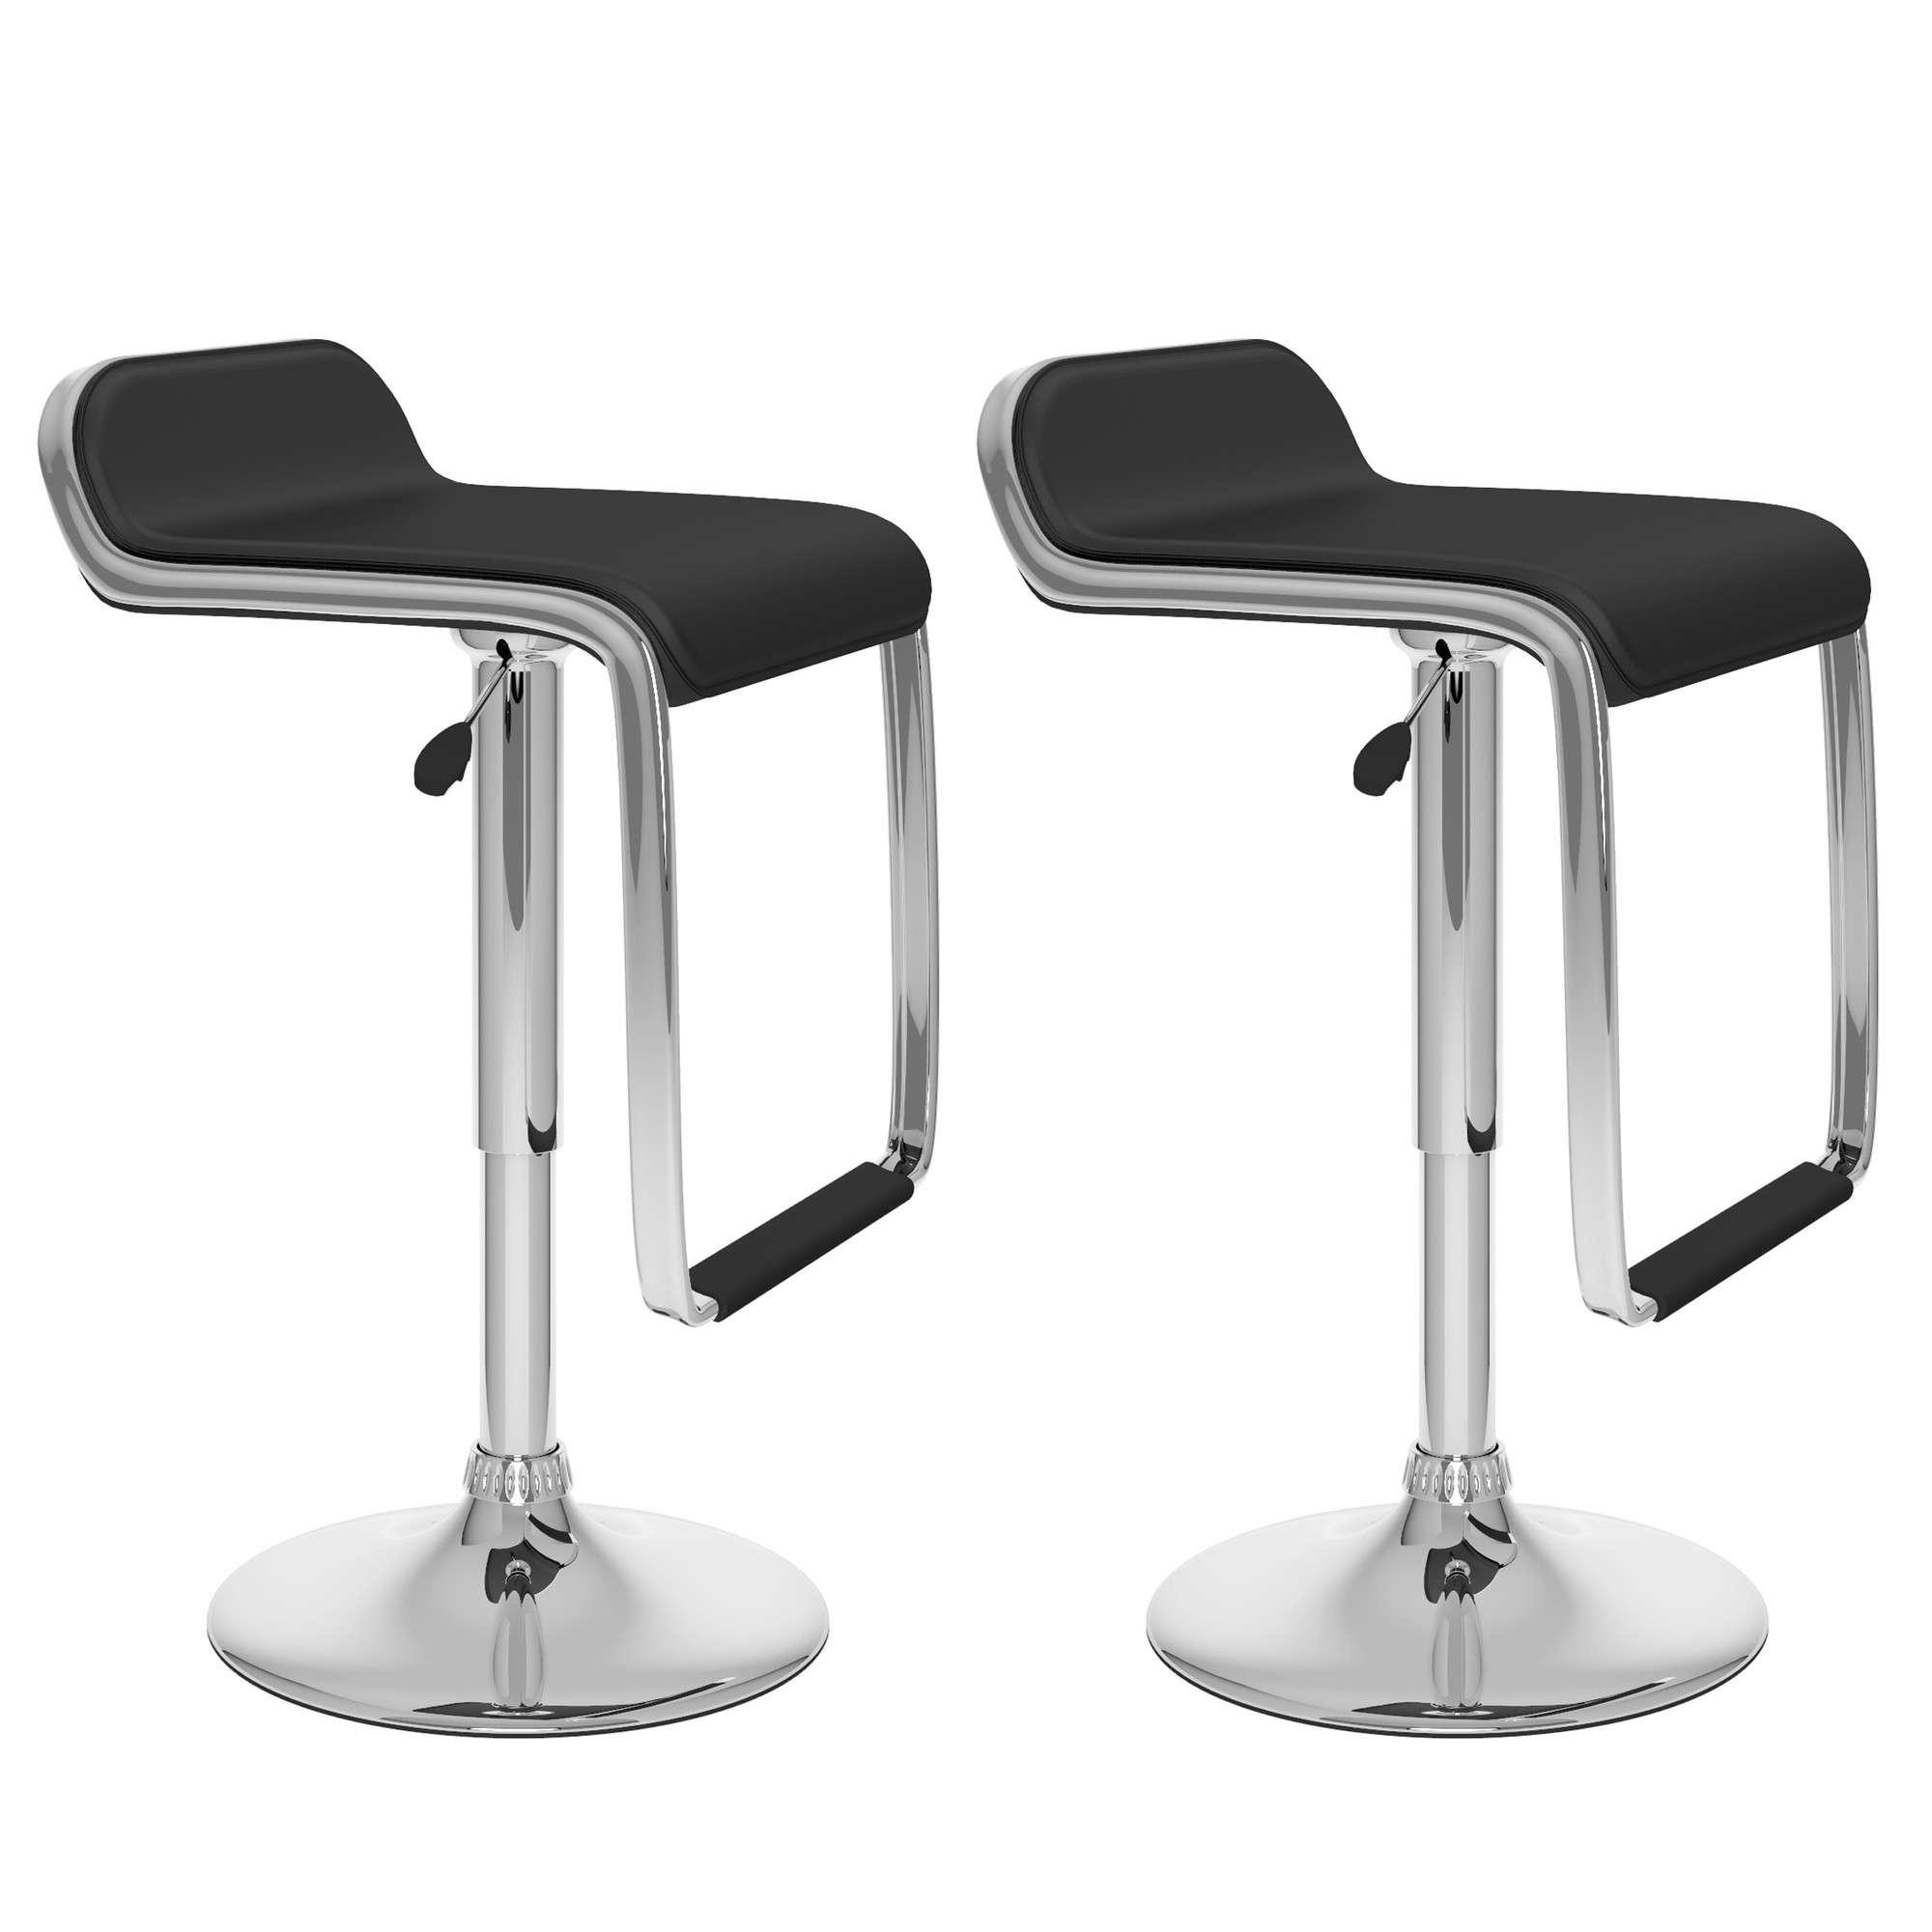 Set 2 sillas banco para cocina barra ajustable cromado fn4 demarkazone - Sillas de barra de bar ...